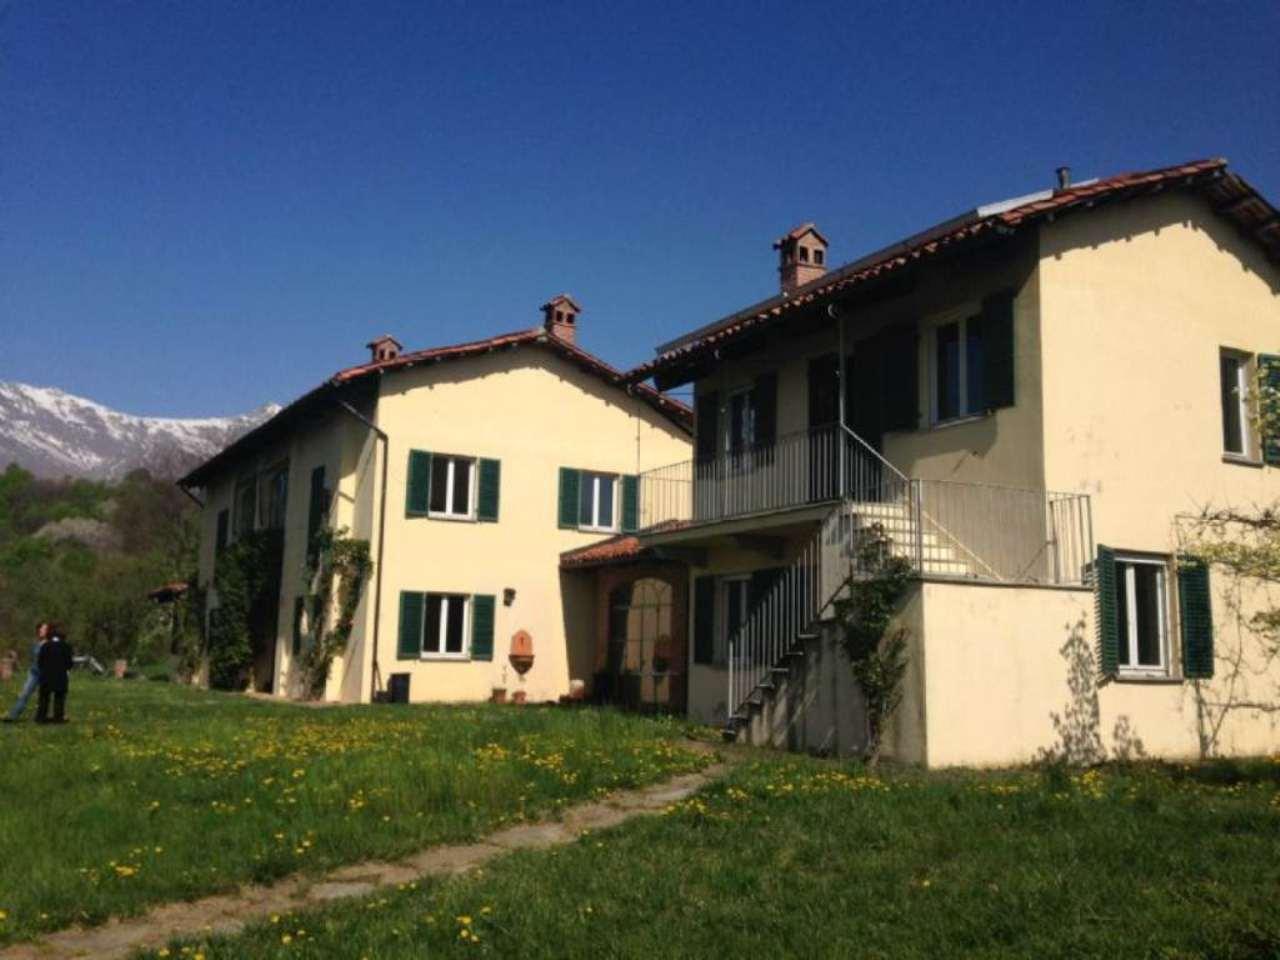 Soluzione Indipendente in vendita a Vidracco, 10 locali, prezzo € 630.000 | Cambio Casa.it